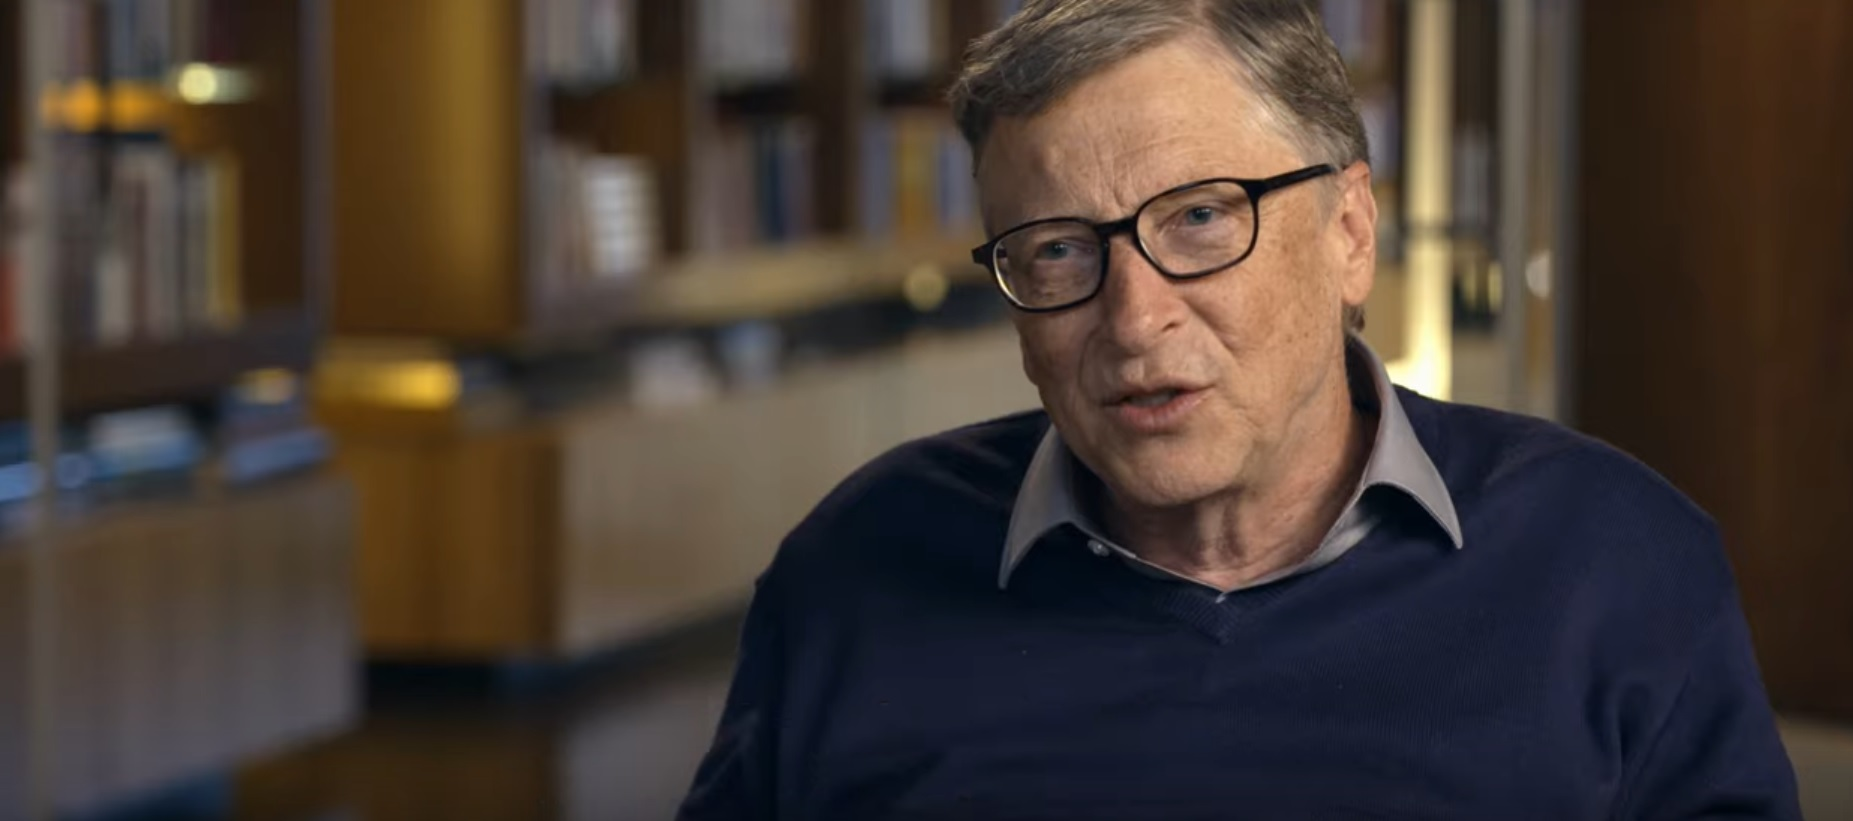 W głowie Billa Gatesa - zwiastun dokumentu Netflixa o twórcy Microsoftu